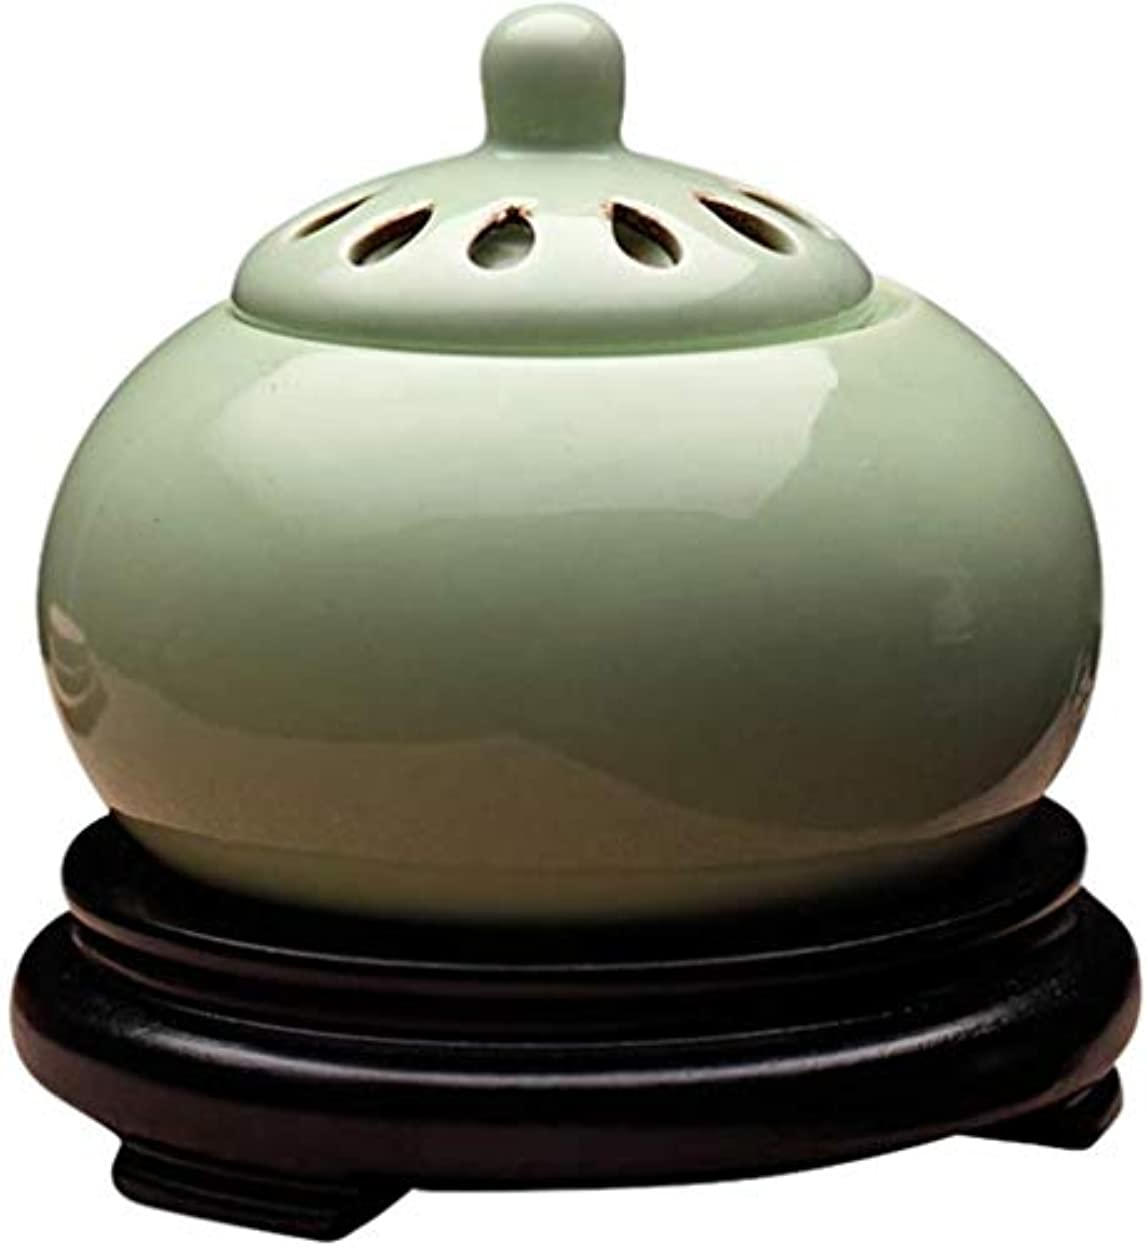 拒絶する自分の従うMYTDBD 香炉電子温度制御ホーム?デバイス?アロマ炉電気ディフューザー (Color : Green)